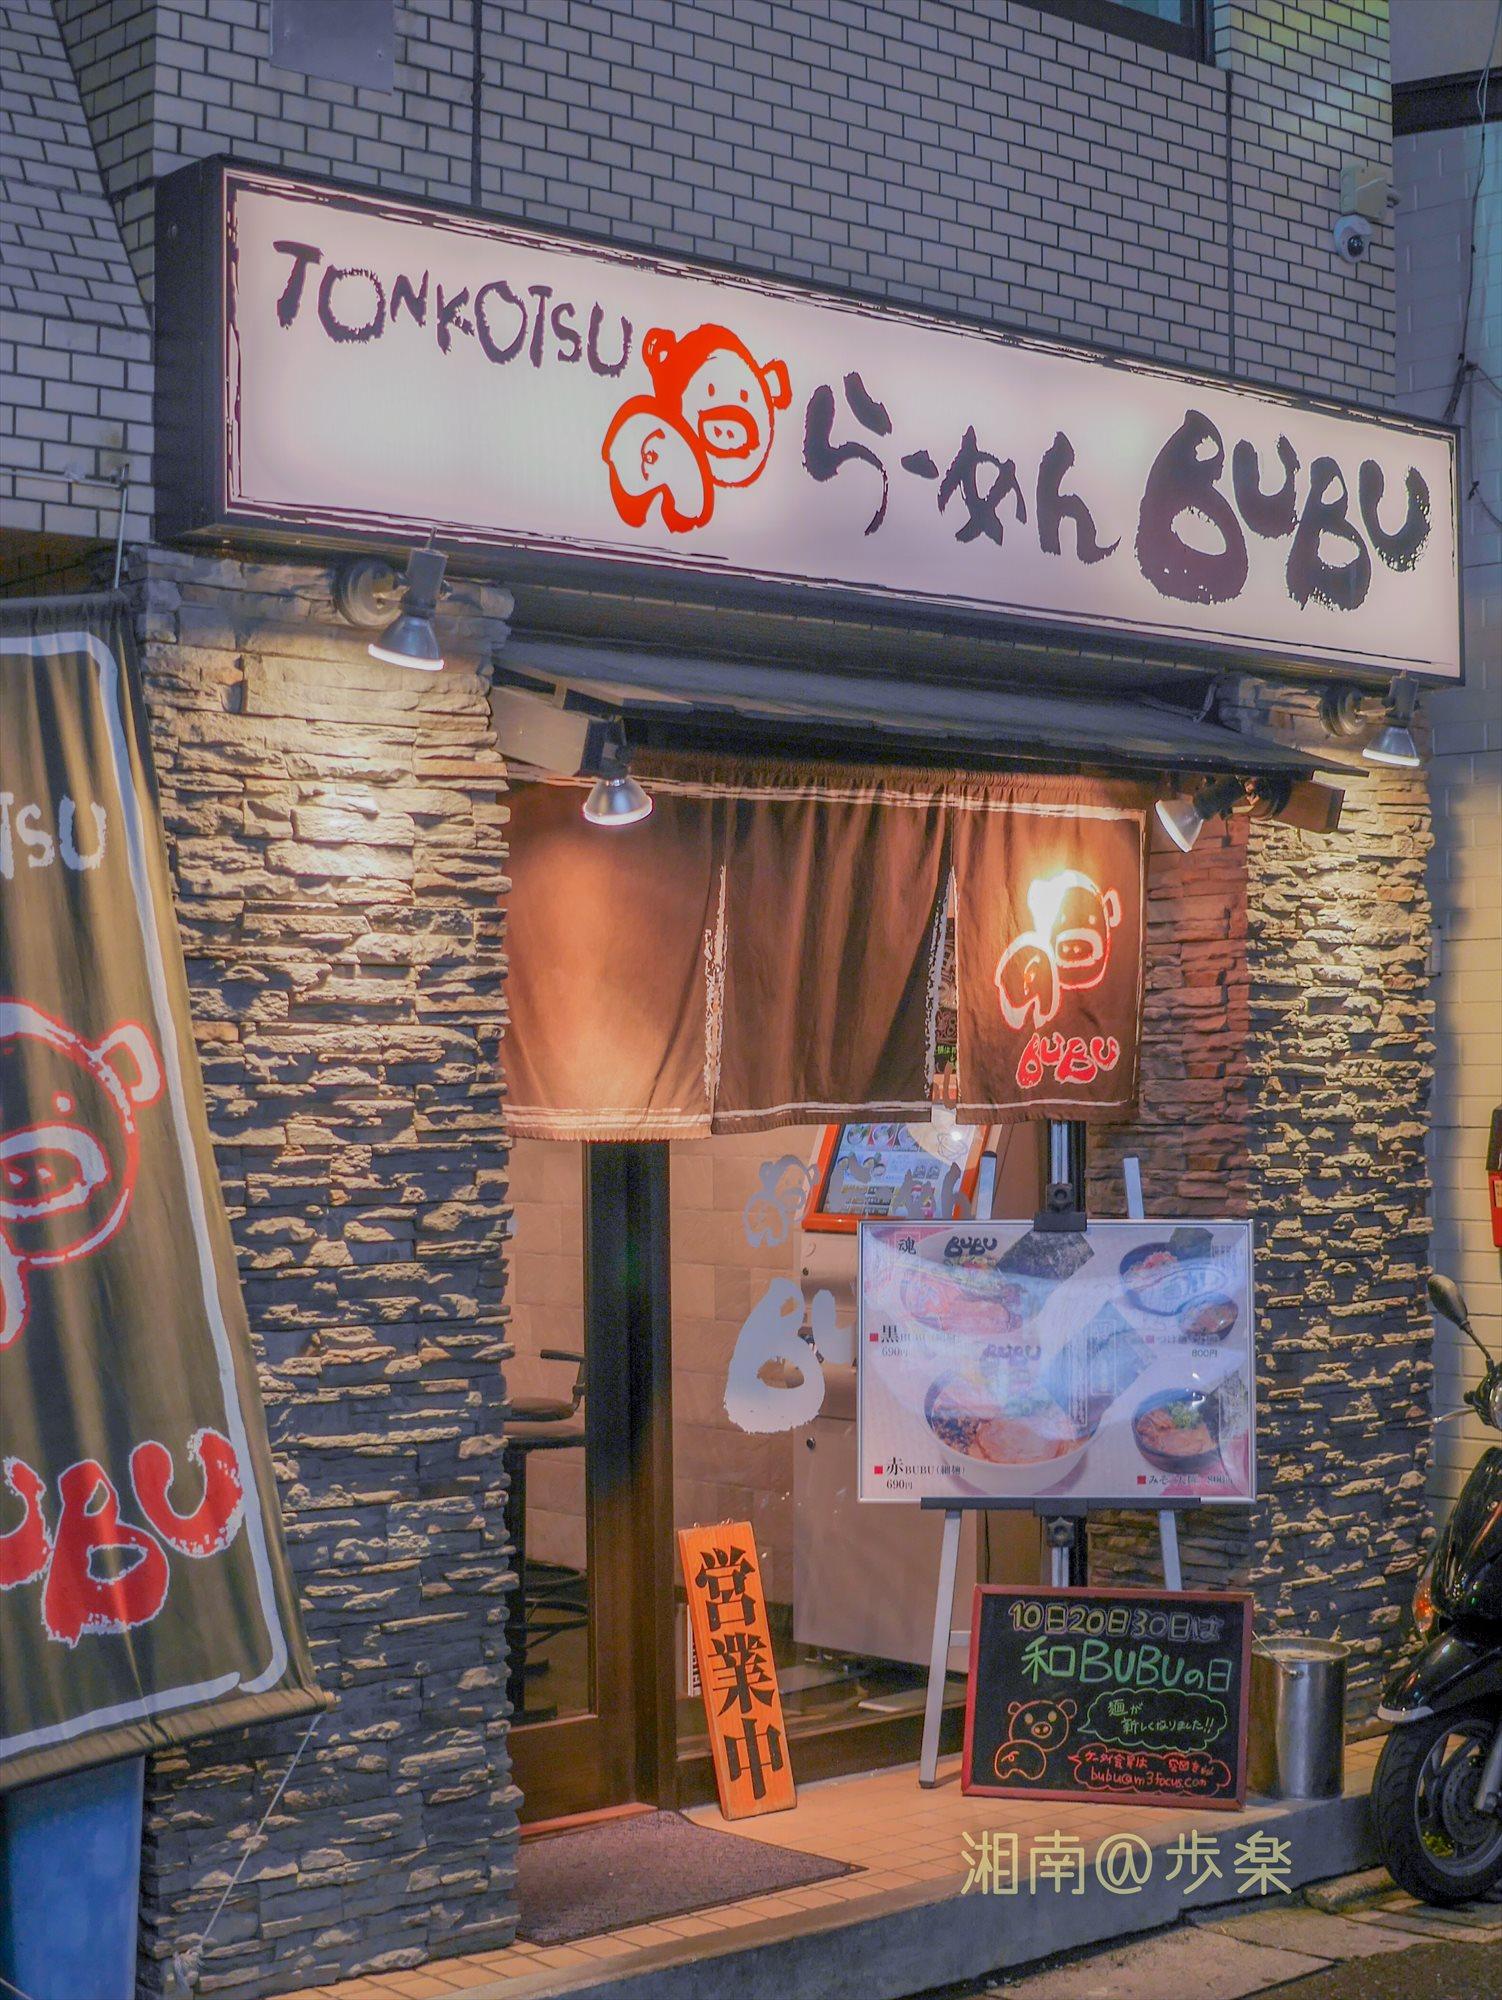 北海道系の店舗ながら九州豚骨をメインにテイストを追求